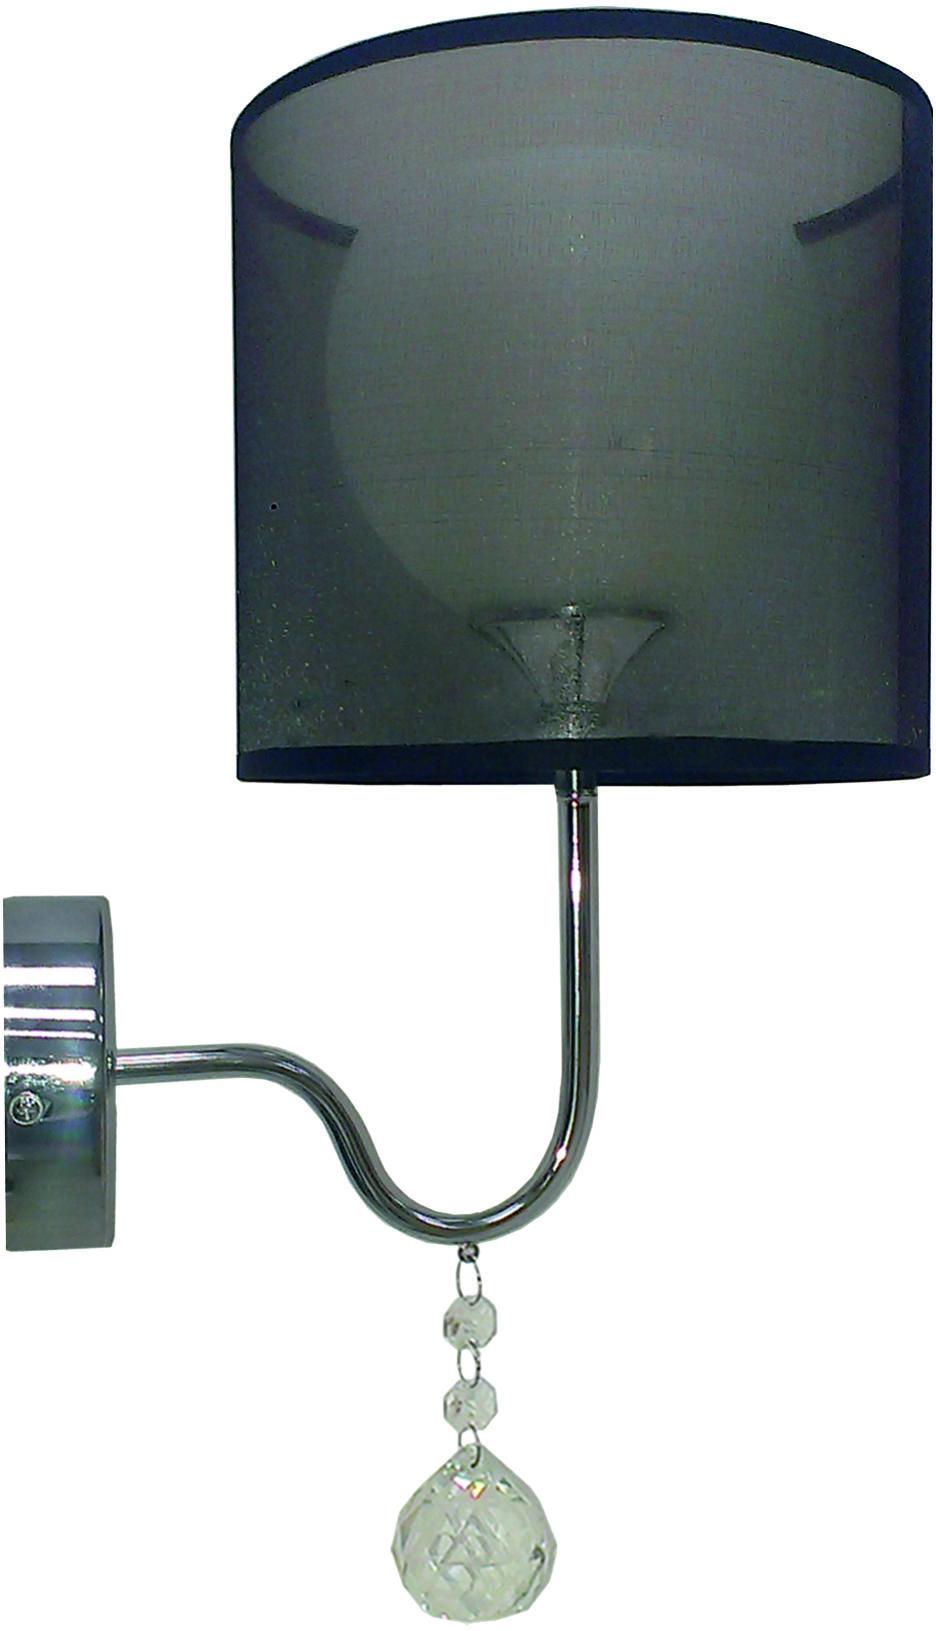 Candellux BRAVA 21-26552 kinkiet lampa ścienna czarny abażur szklany klosz kryształki 1X60W E27 22cm